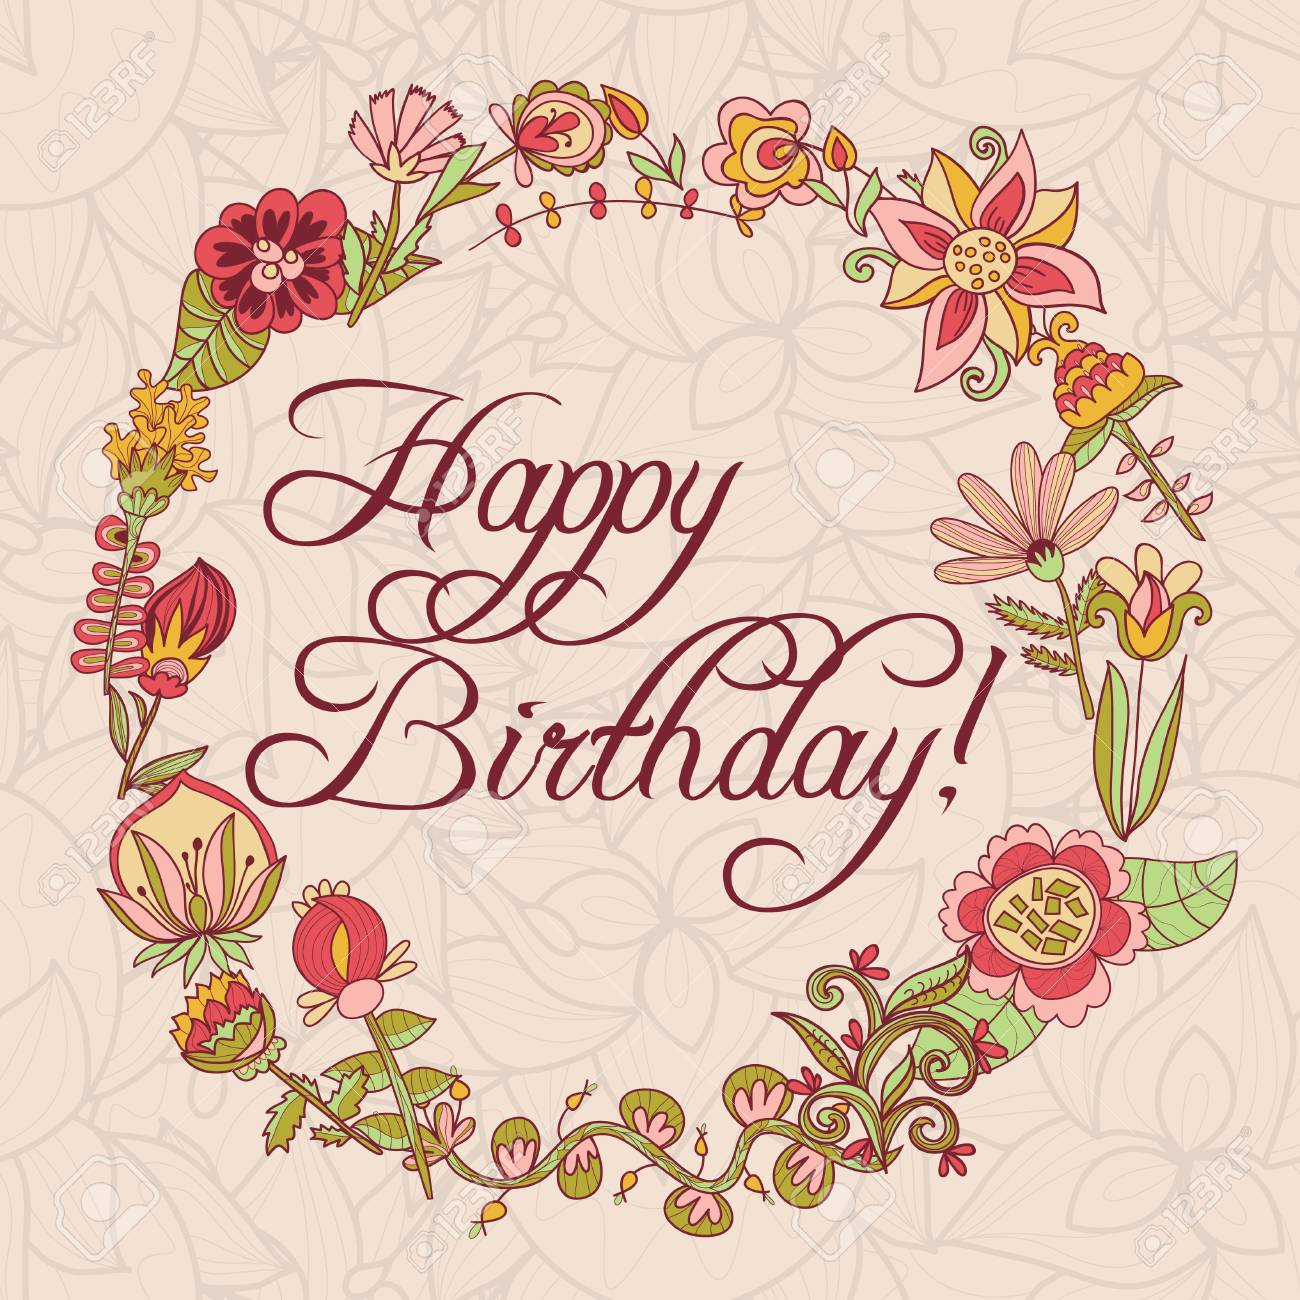 Joyeux Anniversaire Carte De Voeux Cadre Cercle Floral Avec Des Fleurs De Dessin Animé Mignon